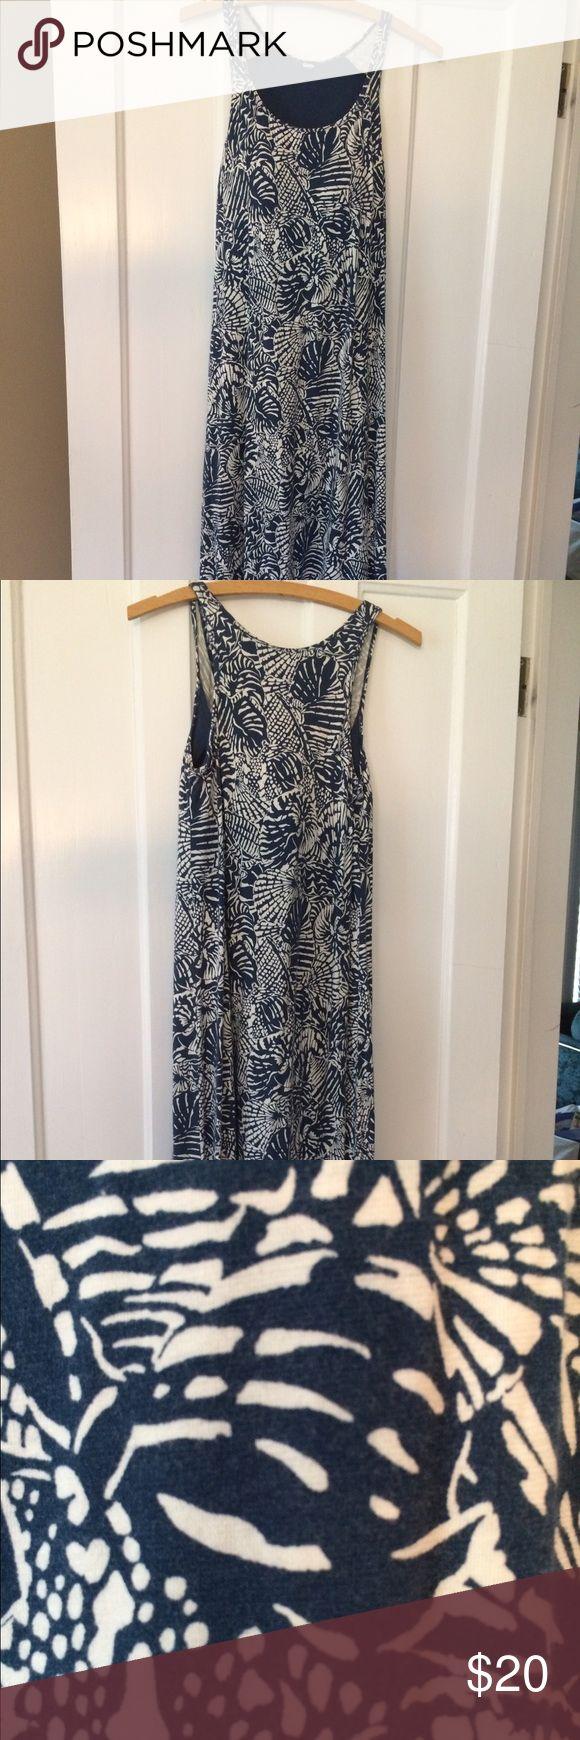 Uniqlo maxi Cute island print! Uniqlo dress w built in bra UNIQLO Dresses Maxi